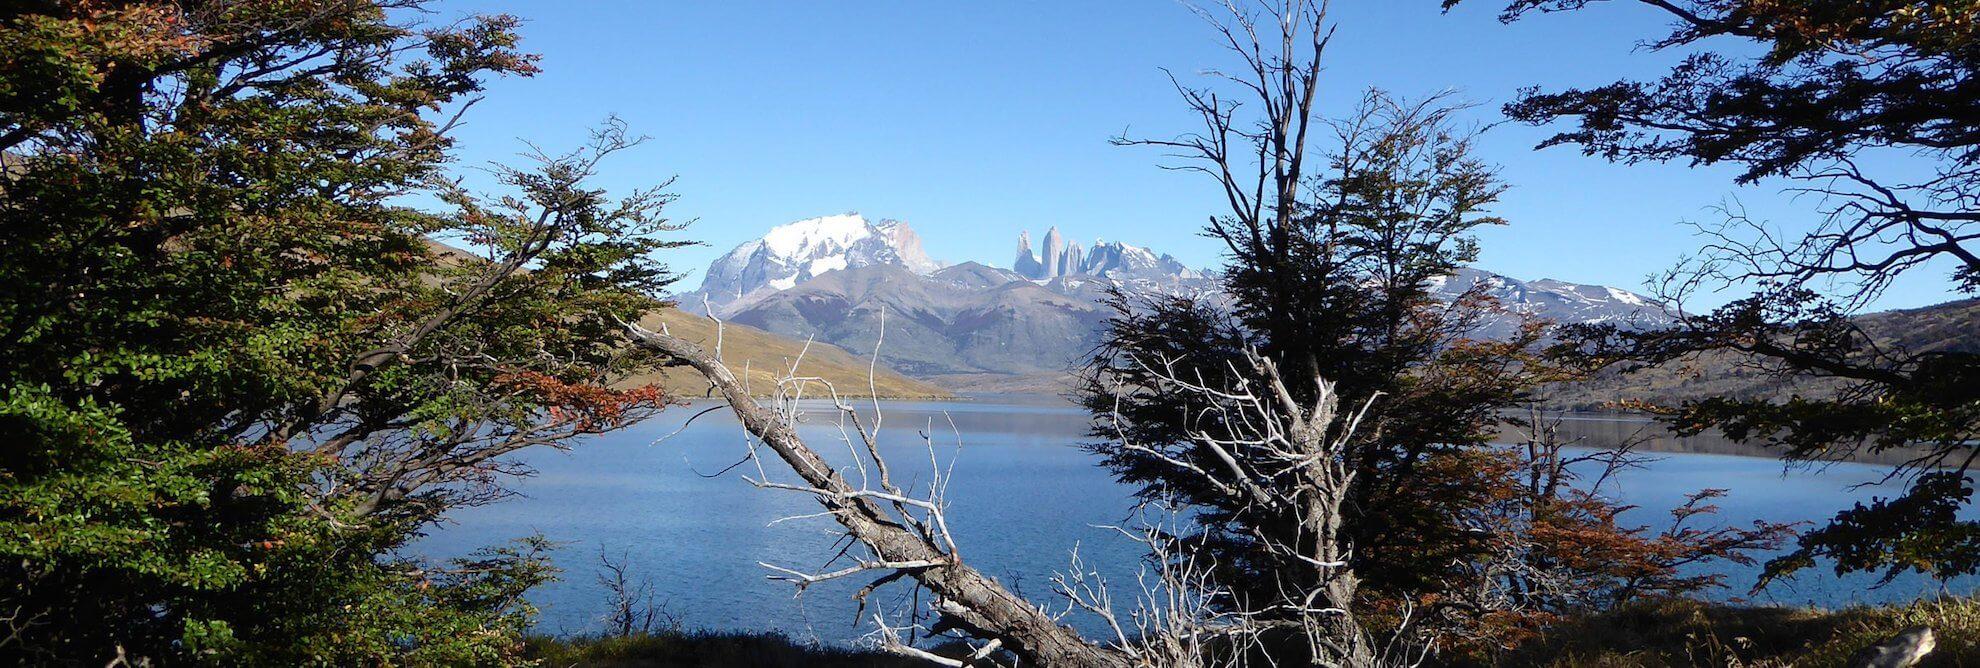 Hoehepunkte Patagonien - Torres del Paine